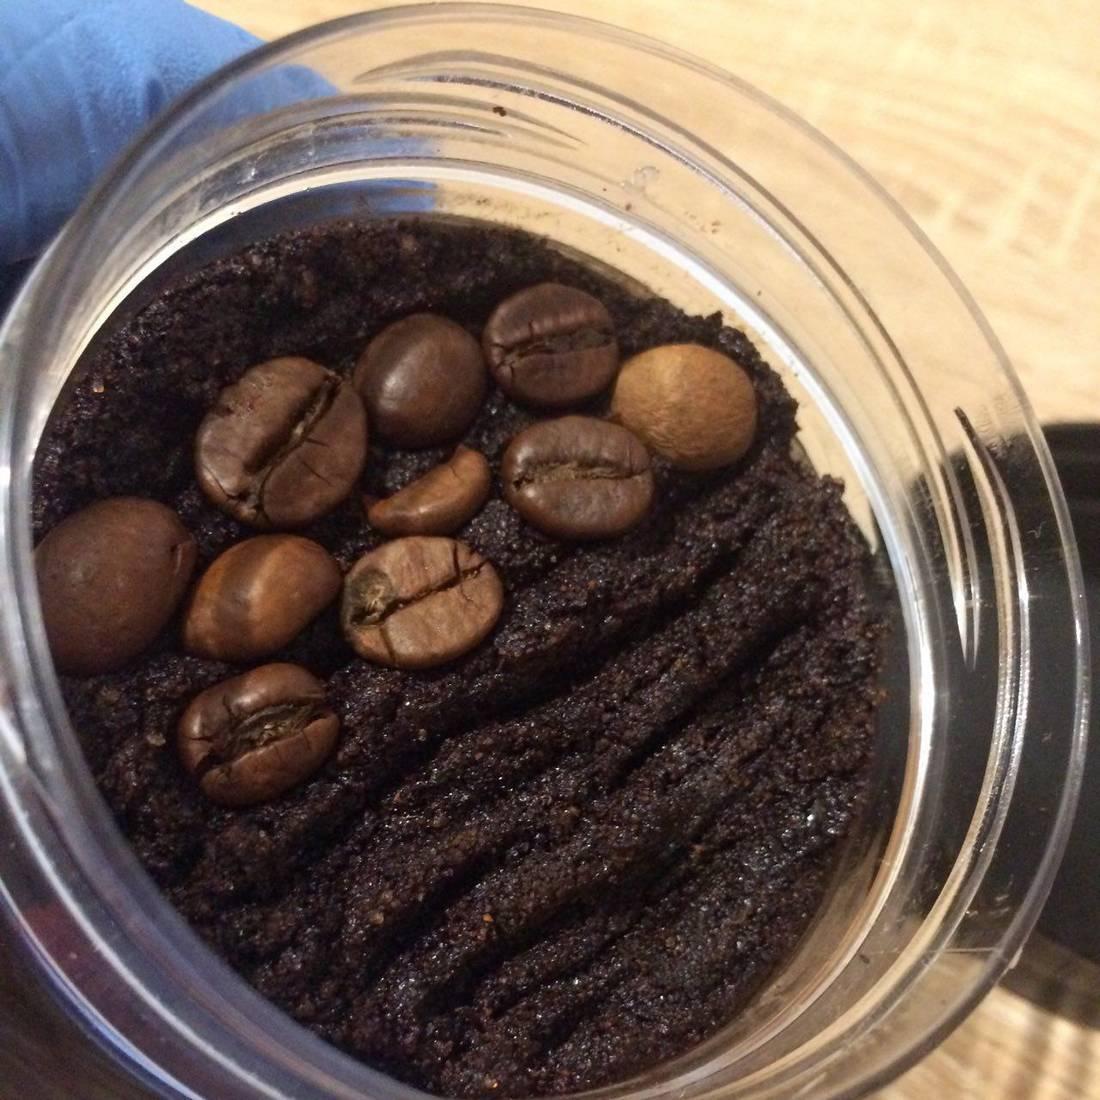 Как приготовить и использовать кофейный скраб в домашних условиях?